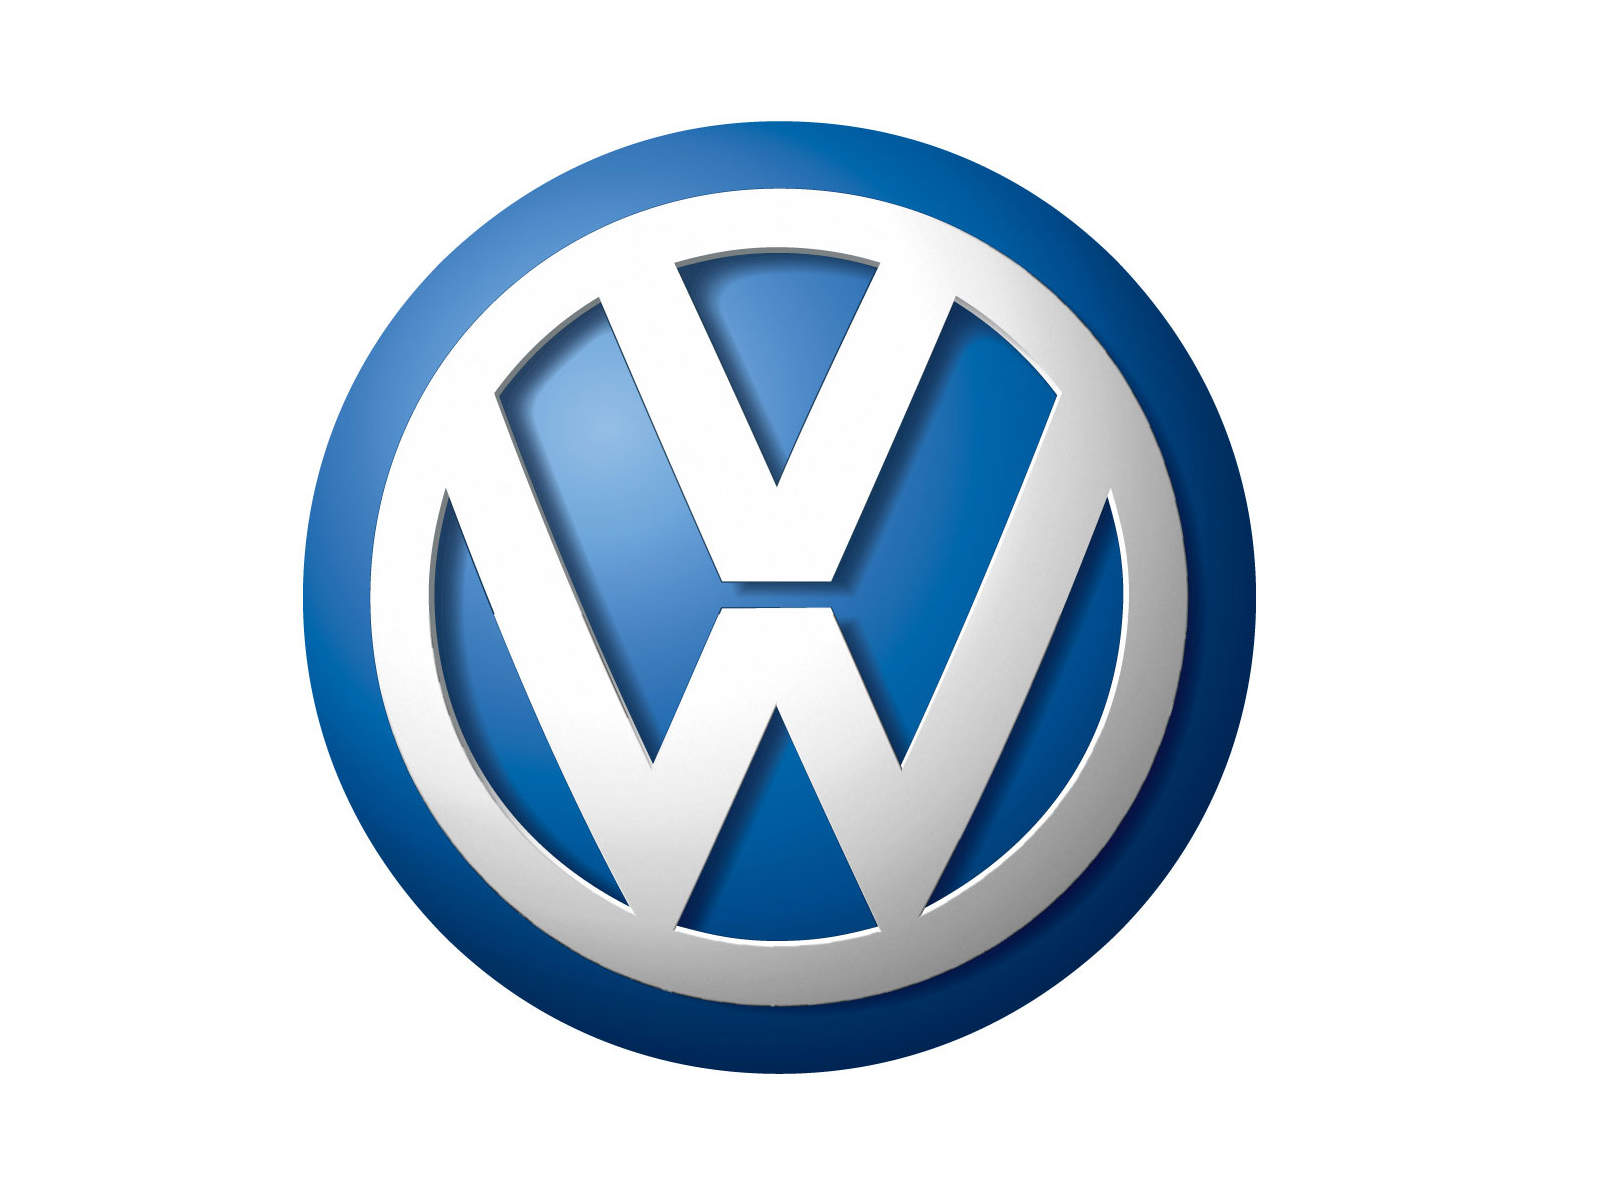 HD Wallpapers Volkswagen Logo Wallpaper 1600x1200